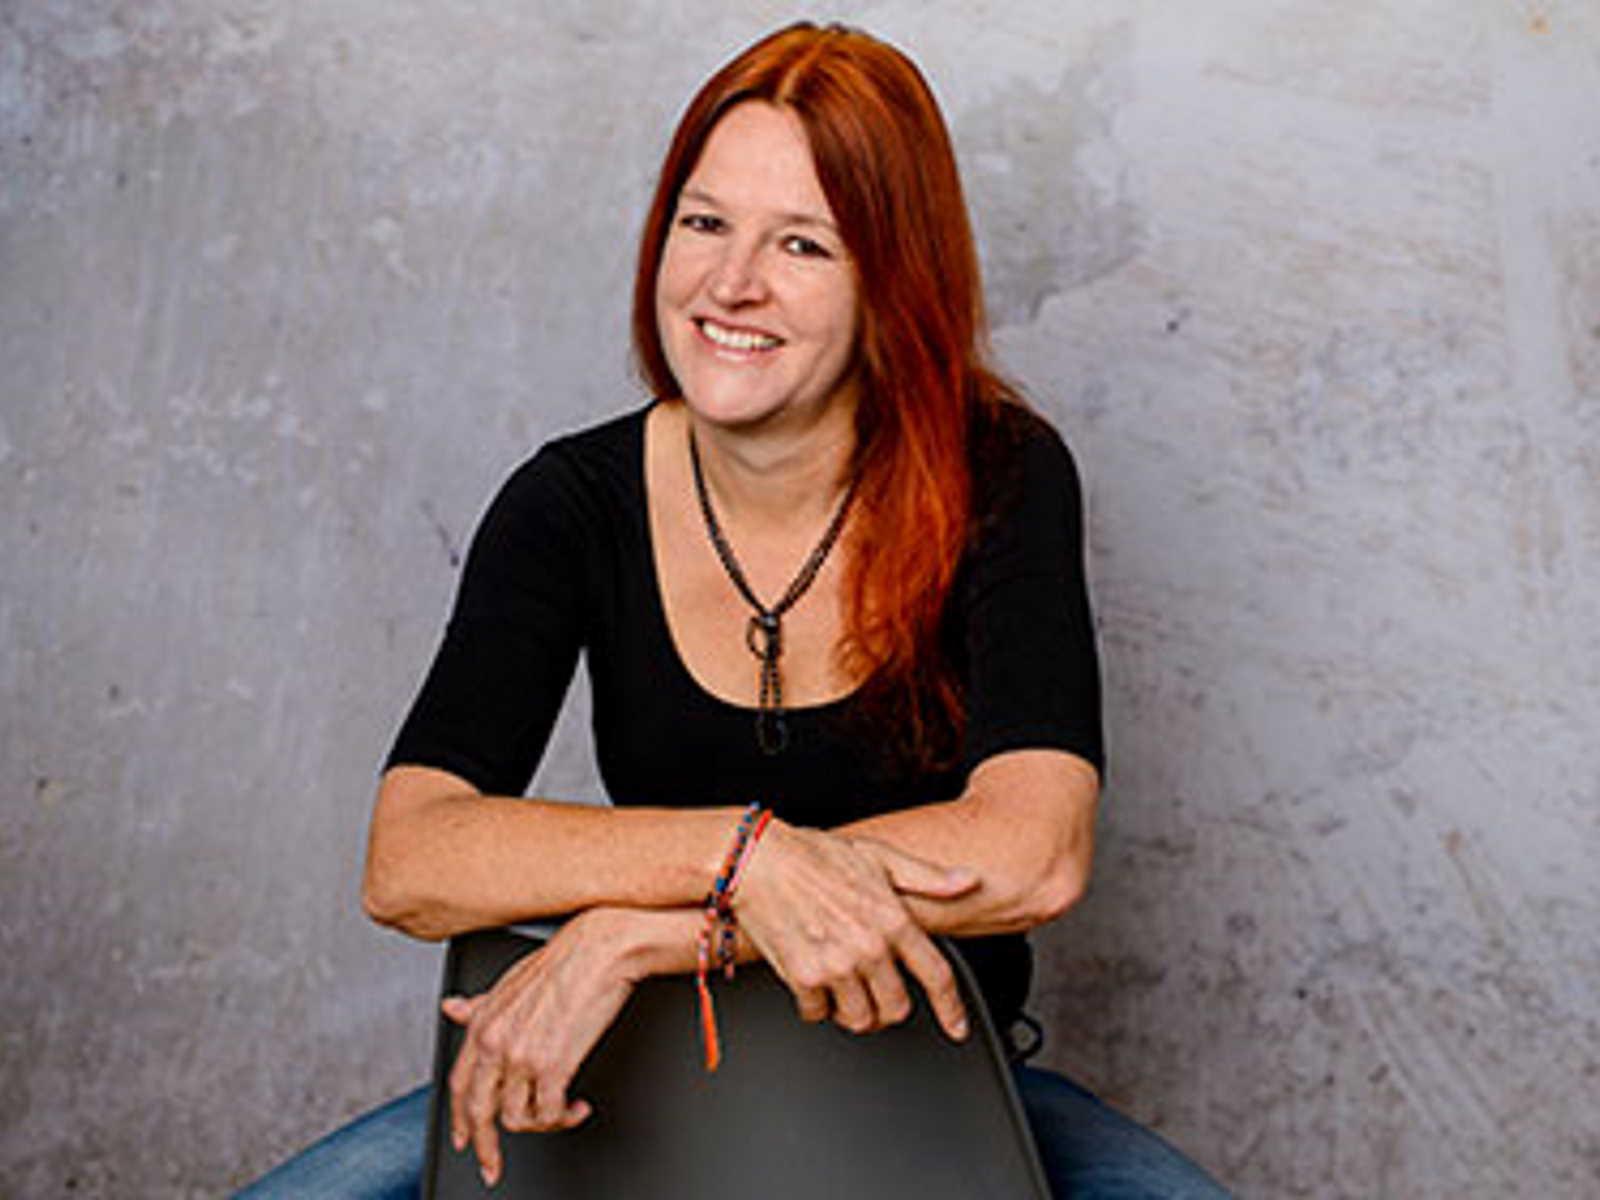 Ulrike Bienert-Loy ist die Inhaberin und Geschäftsführerin von BonaScript, ein PR- und Kommunikationsbüro, in München.